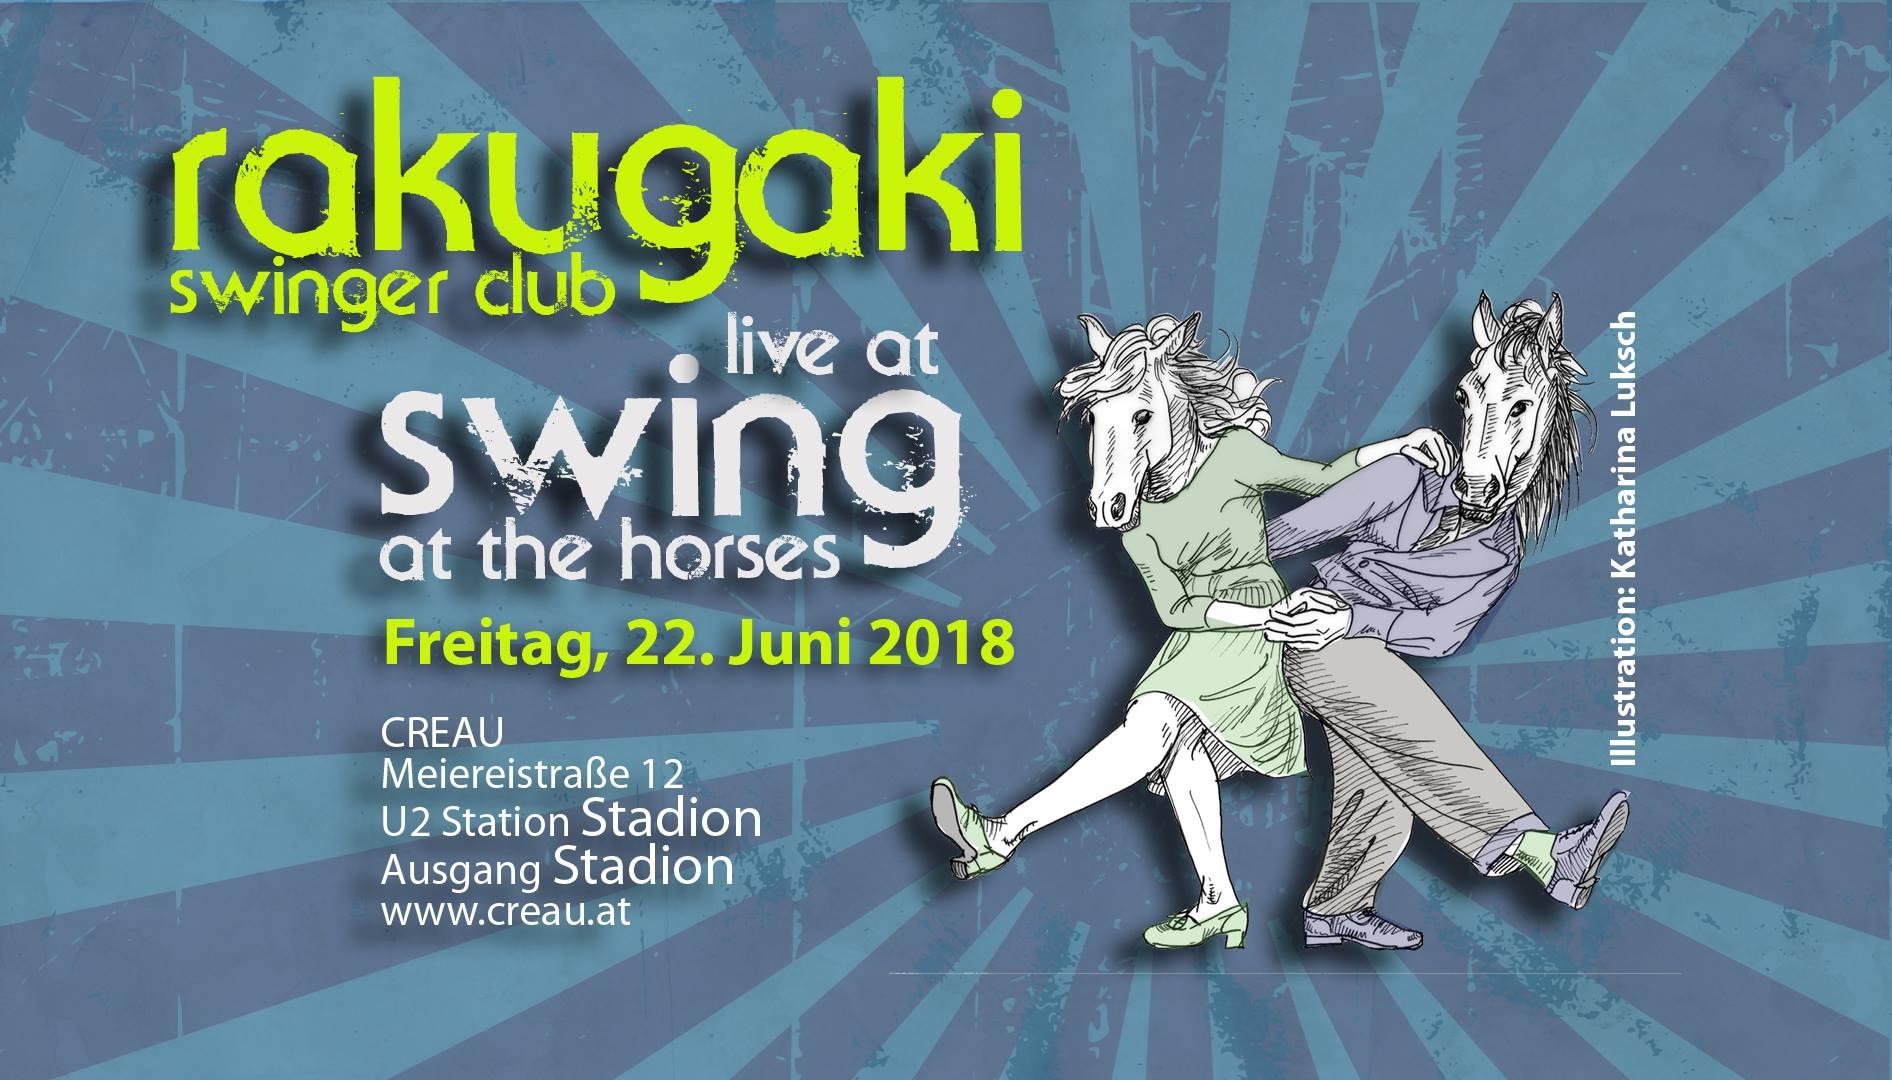 Swing at the horses rakugai swinger club